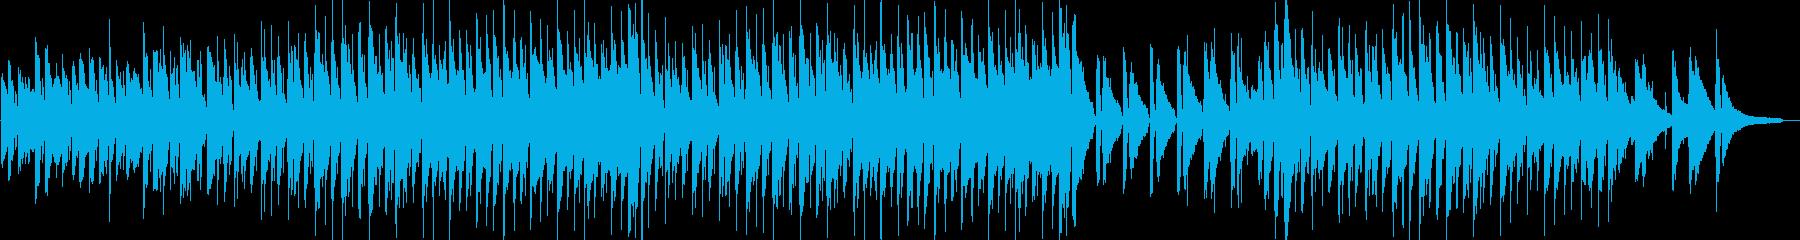 わくわく・ハッピー・映像・イベント用の再生済みの波形